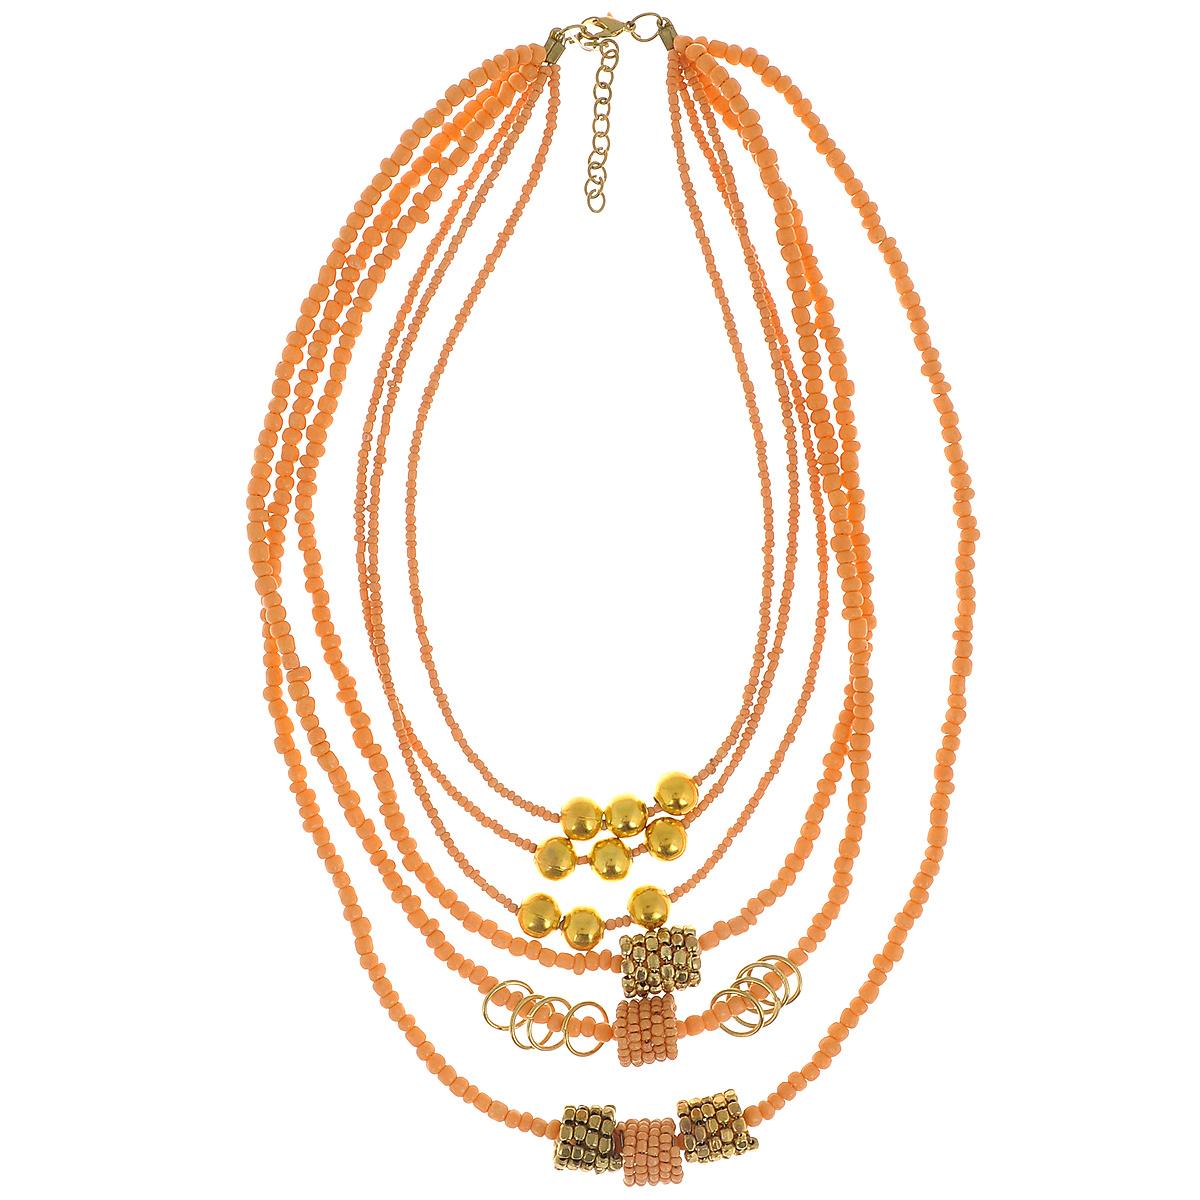 Бусы Ethnica, цвет: персиковый, золотистый. 082055082055Яркое ожерелье Ethnica, изготовленное из текстиля, кости и пластика, состоит из шести нитей, на которые нанизан бисер различного размера. Три нити оформлены круглыми бусинами, стилизованными под металл, одна нить - металлическими кольцами, три нити - декоративными элементами в виде пружин, украшенными бисером или бусинами. Изделие застегивается при помощи удобного замка-карабина. Длина ожерелья регулируется за счет цепочки. Это необычное и красивое украшение прекрасно дополнит этнический образ и позволит выделиться среди окружающих.